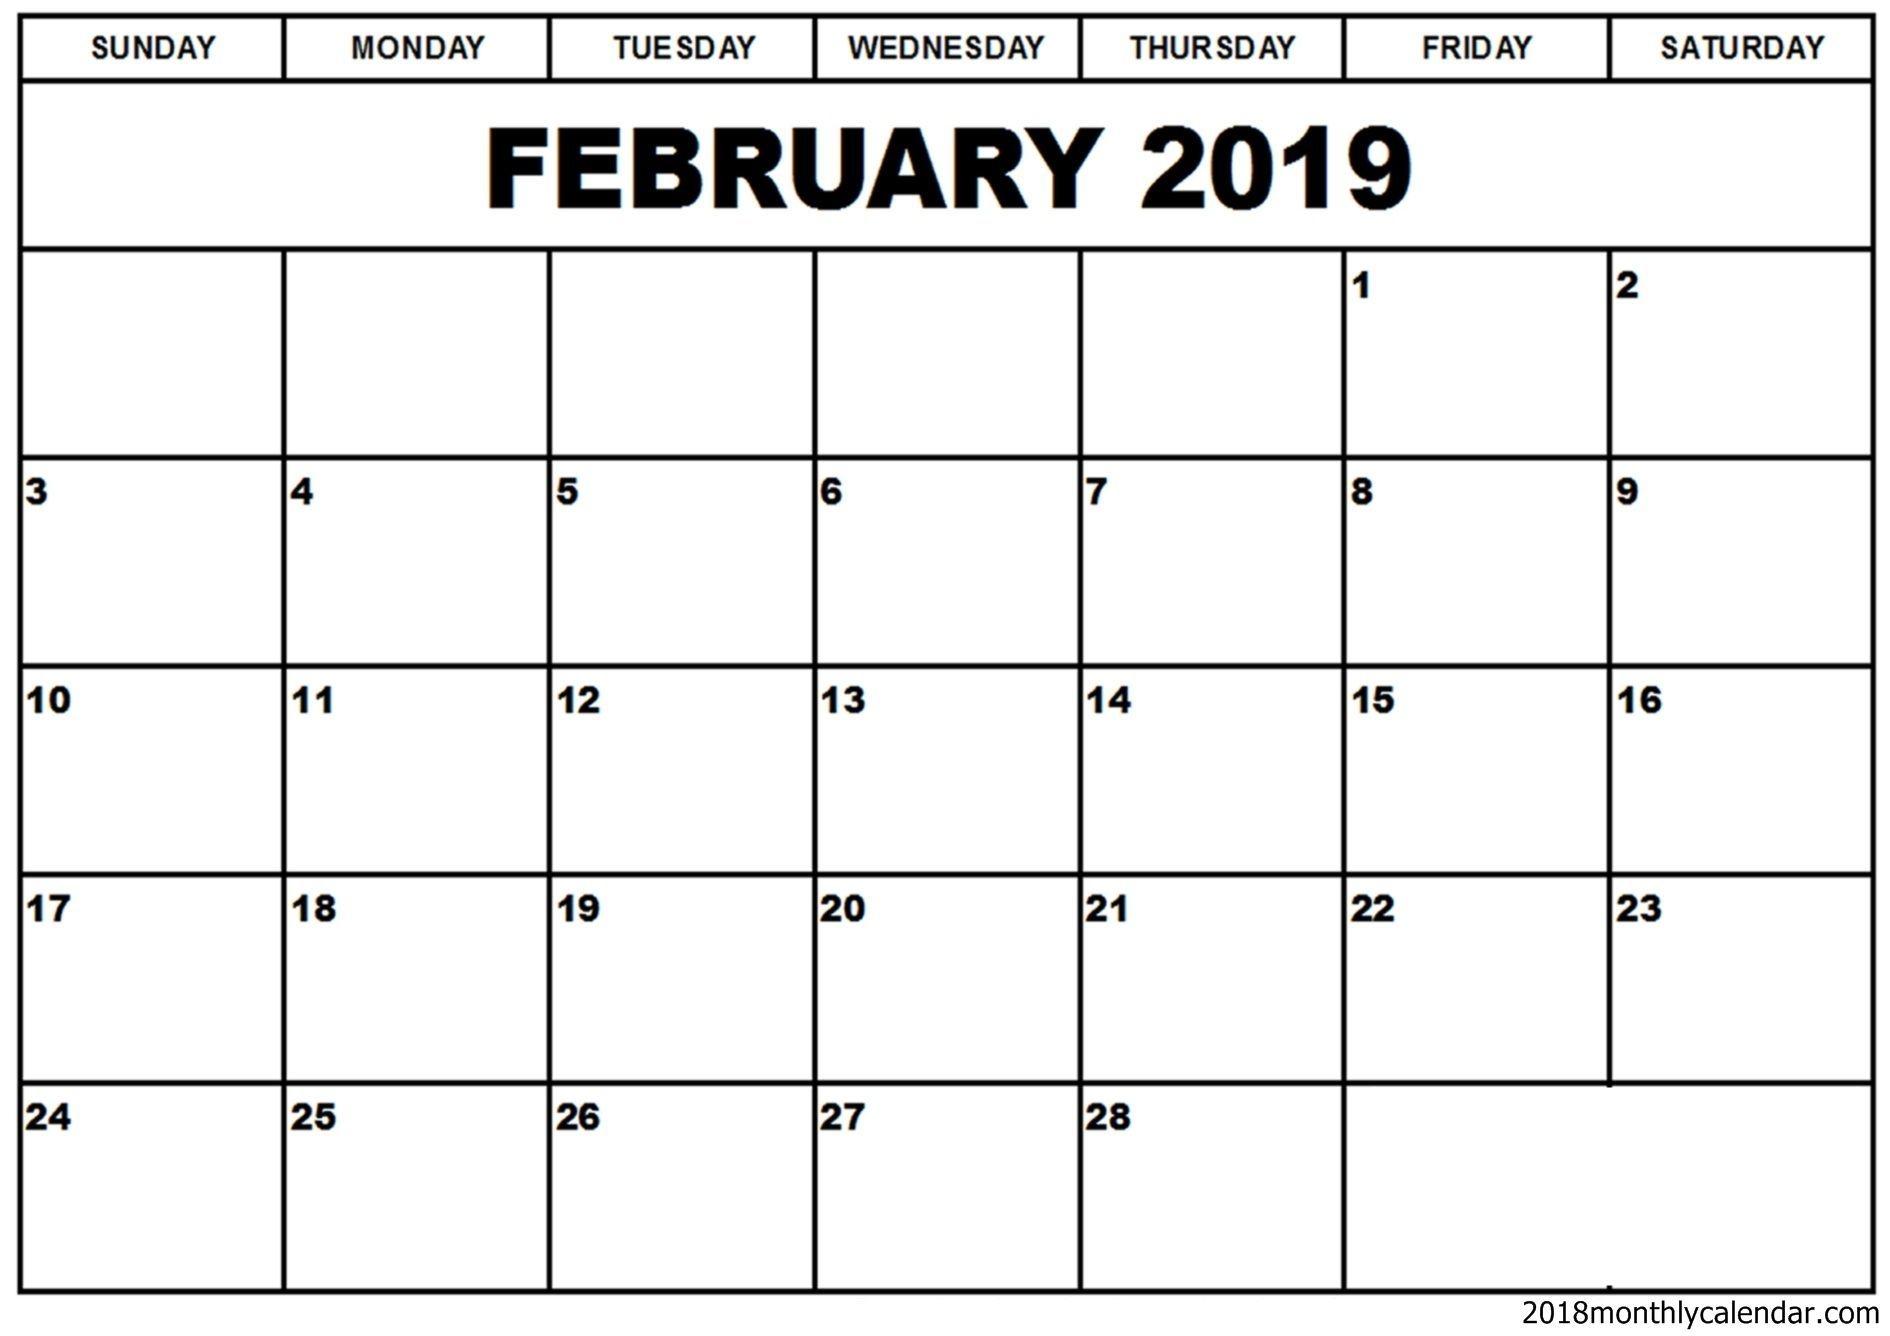 february 2019 calendar word template | editable calendar